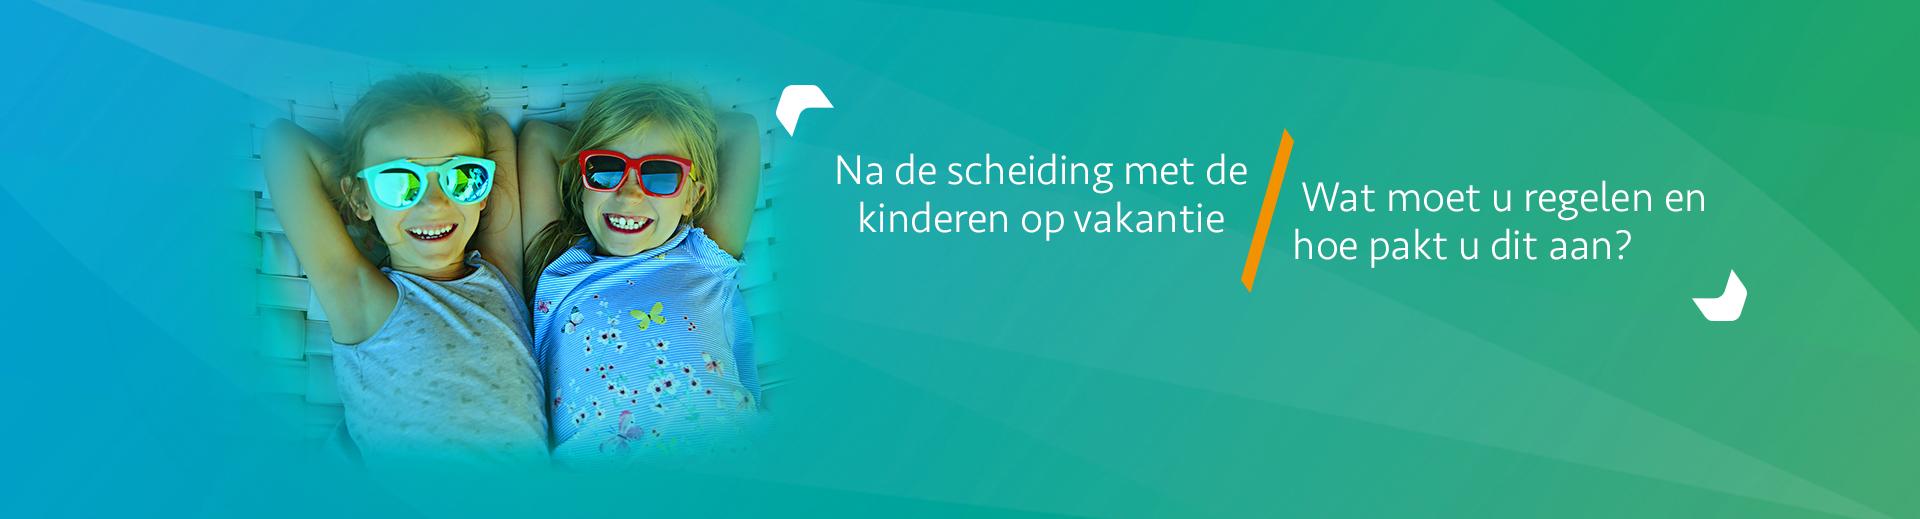 Tips voor vakantie met kinderen na een scheiding - Scheidingsplanner Den Haag & Rijswijk